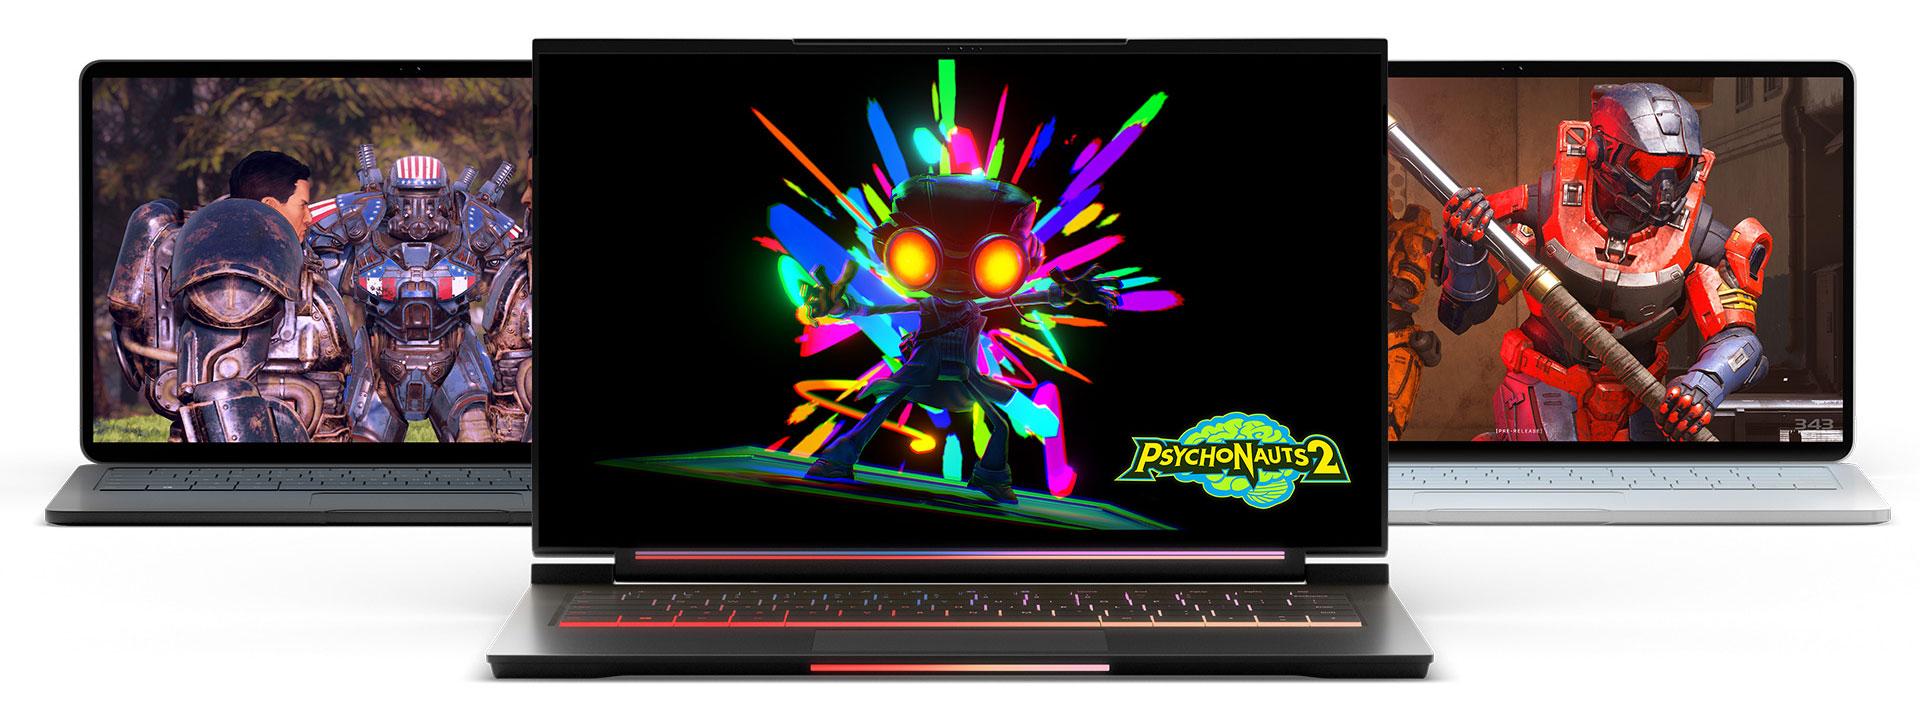 3 laptopy z grami komputerowymi na ekranie